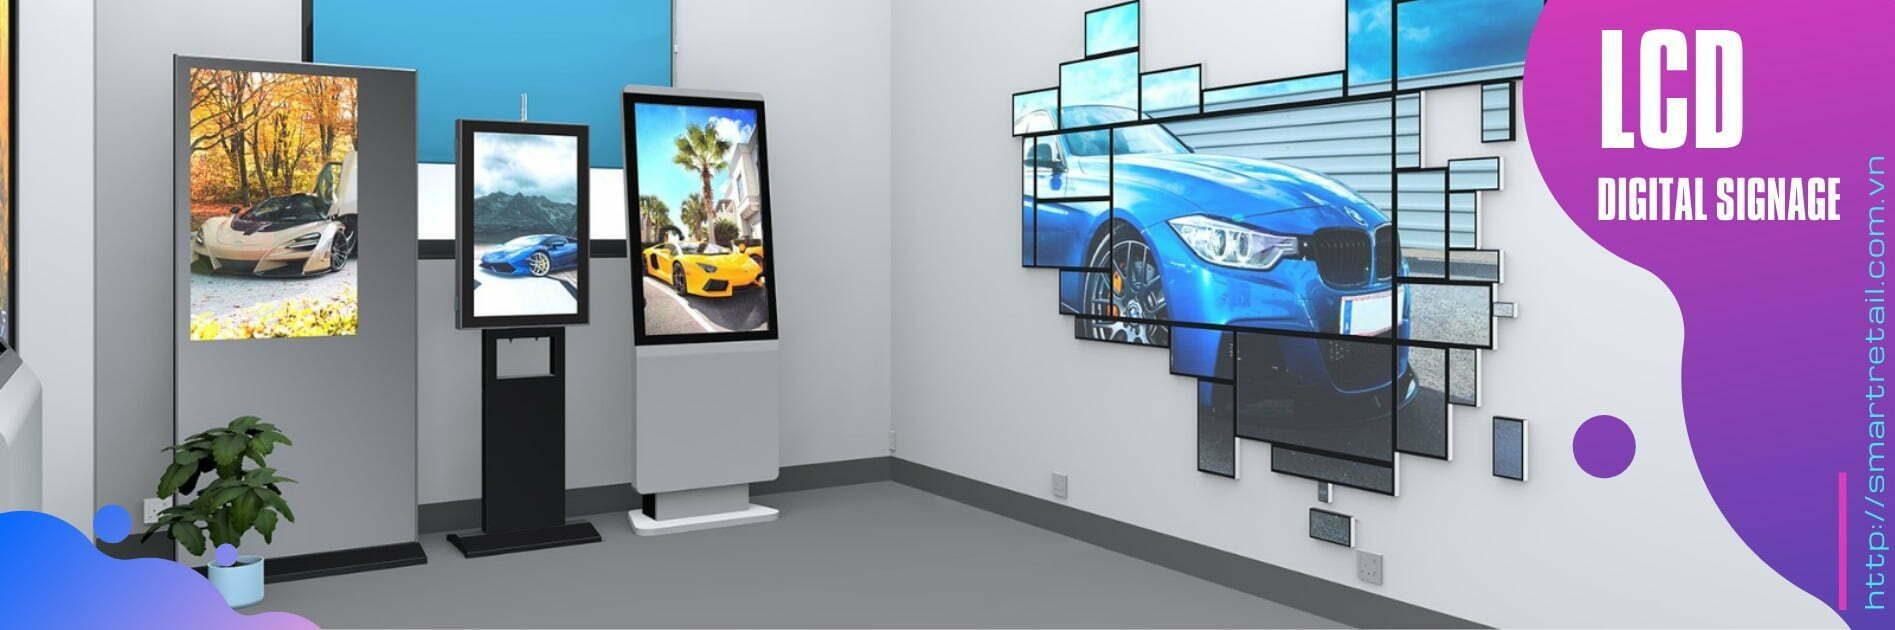 Màn hình LCD chạy quảng cáo - Màn hình chạy quảng cáo Digital Signage | SmartRetail